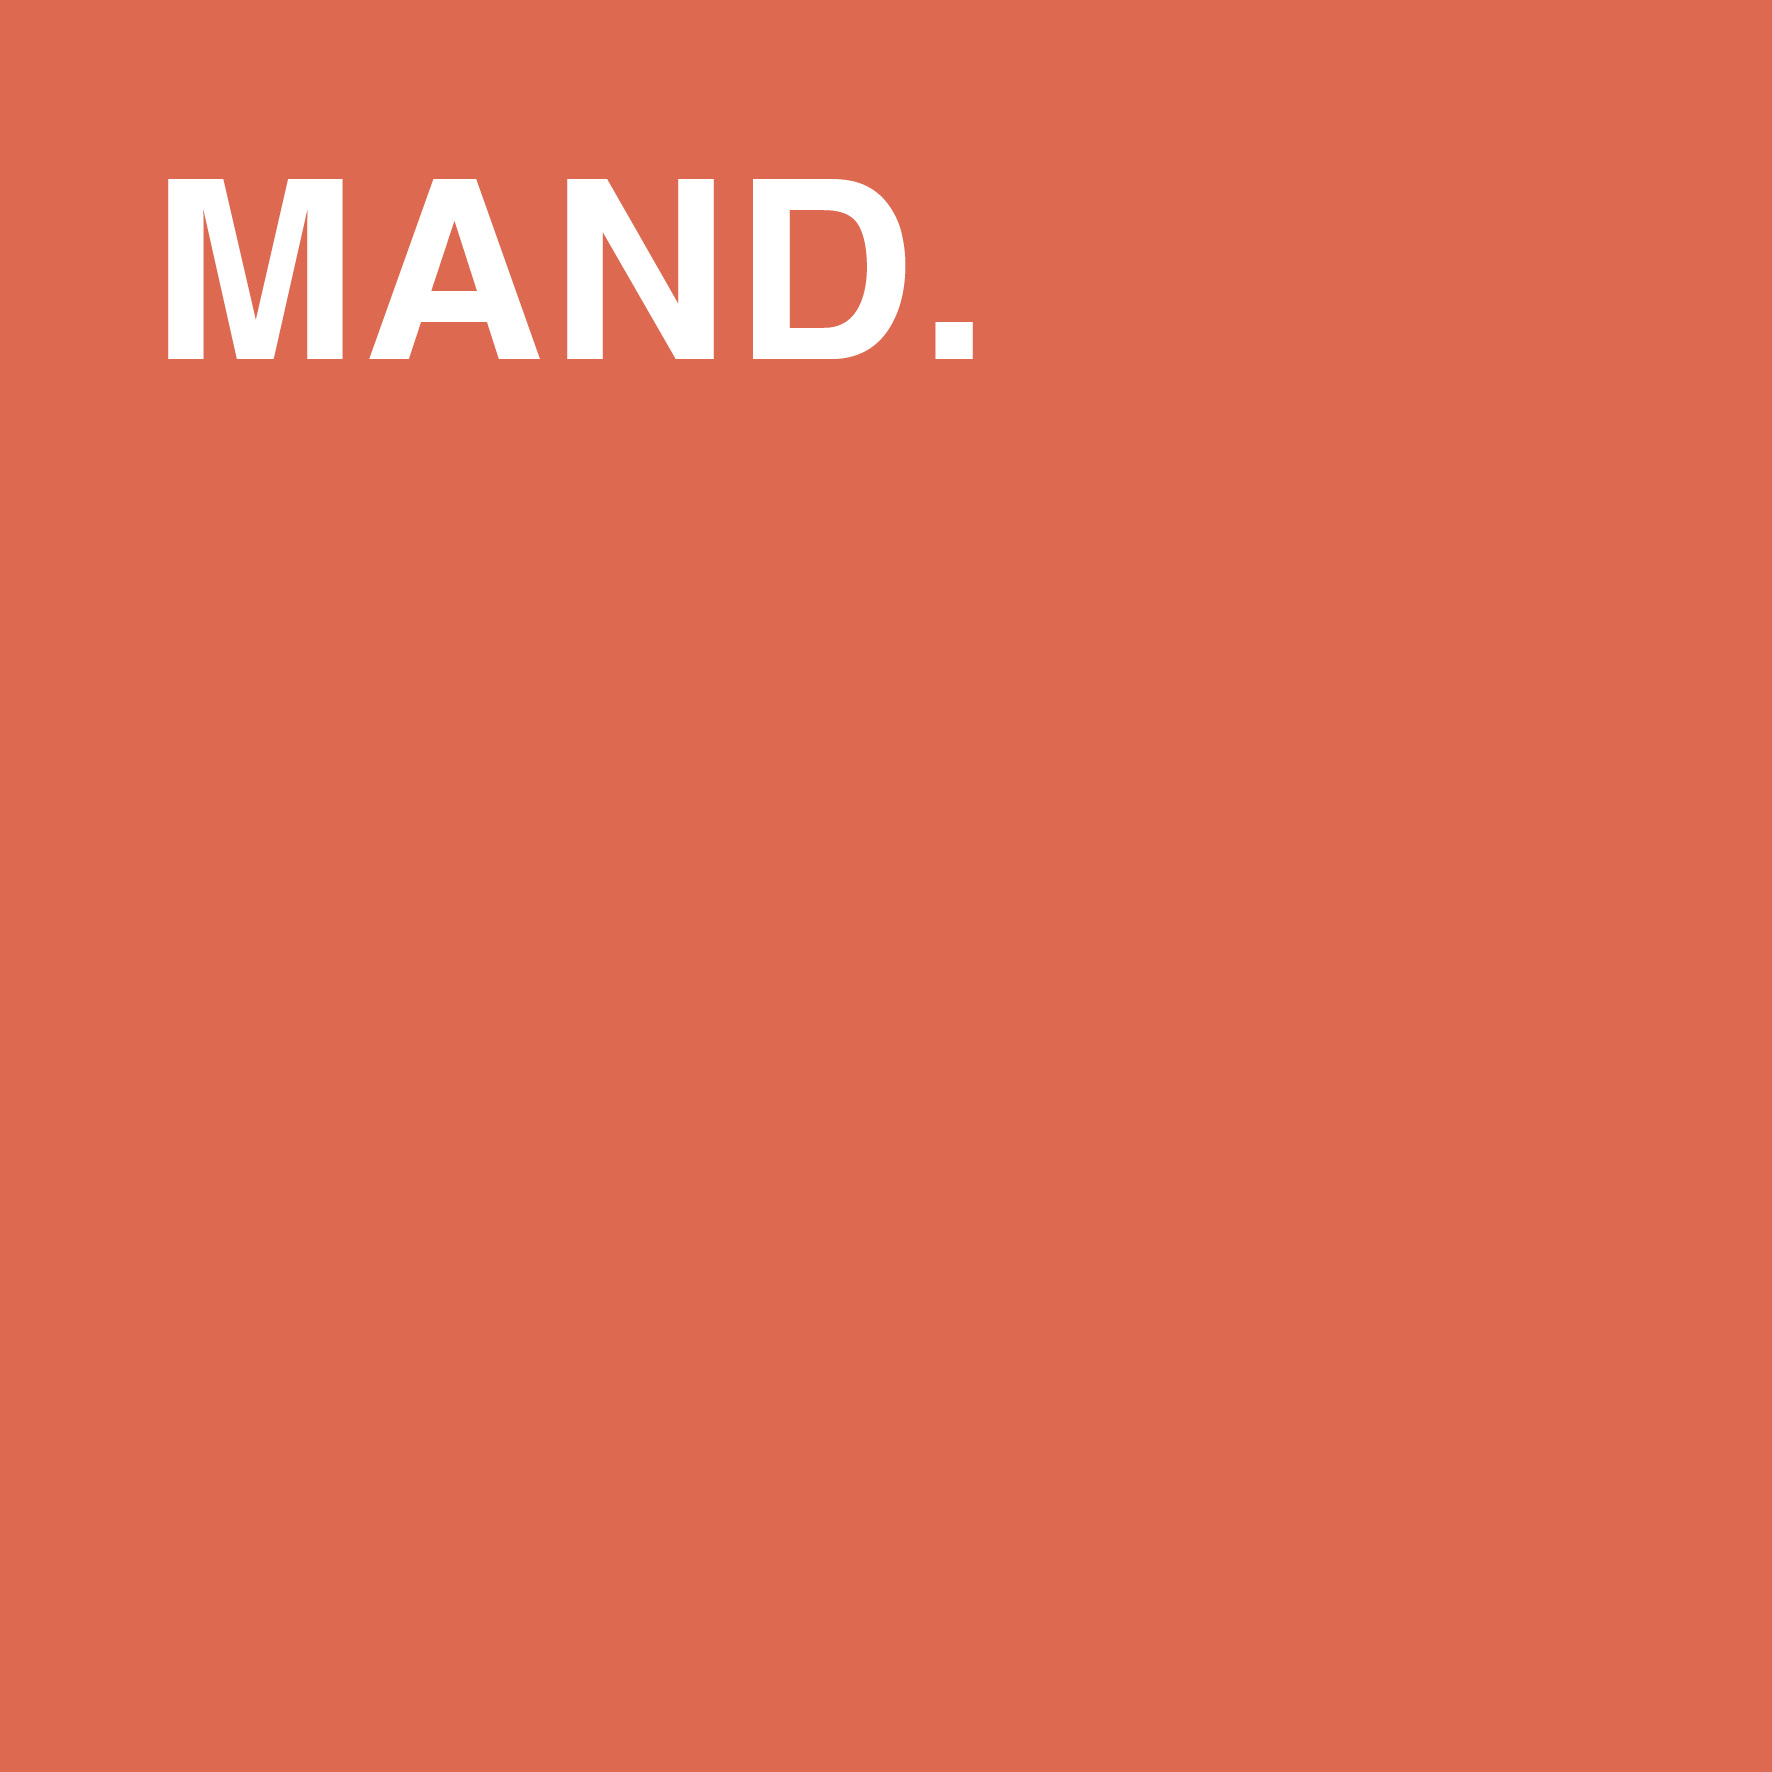 Helder schrijven: zo gebruik je het MAND-principe